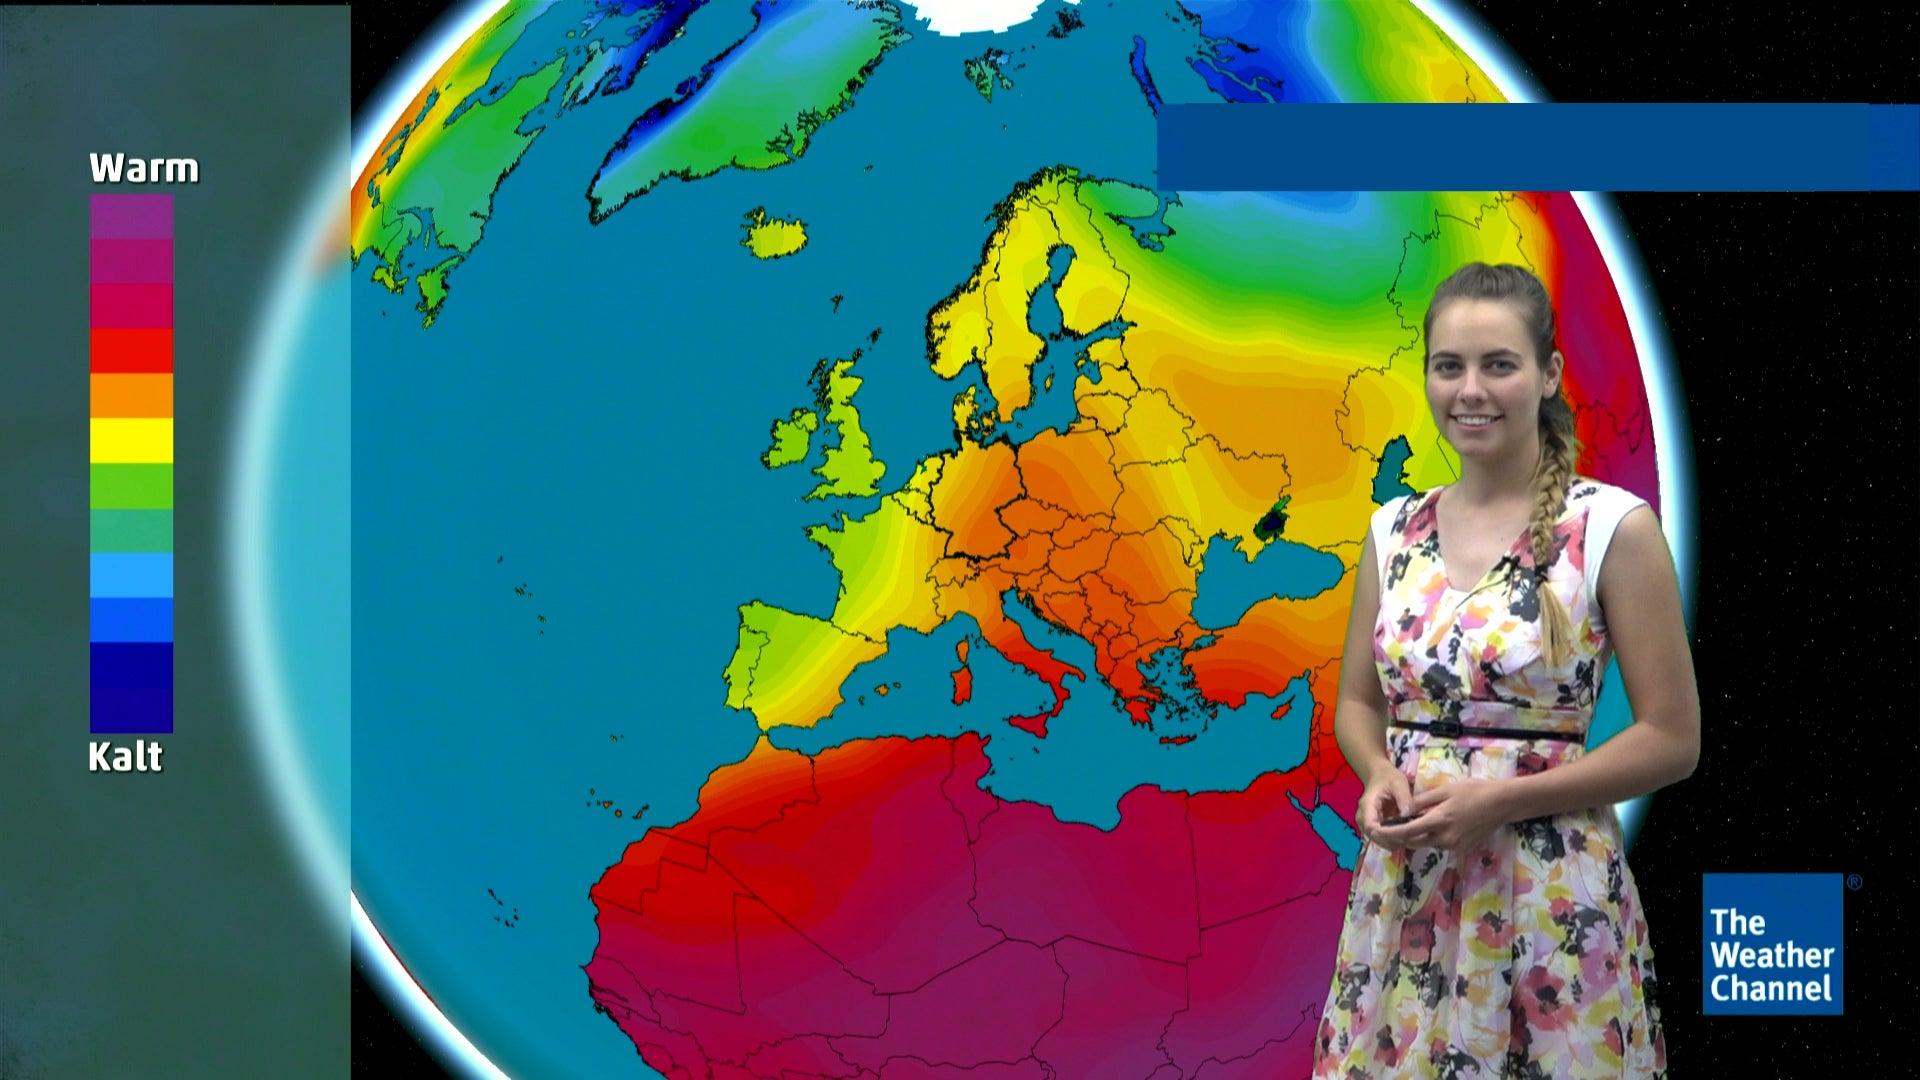 Waldbrände Portugal Karte.Waldbrände Portugal 2020 Karte Onlinebieb